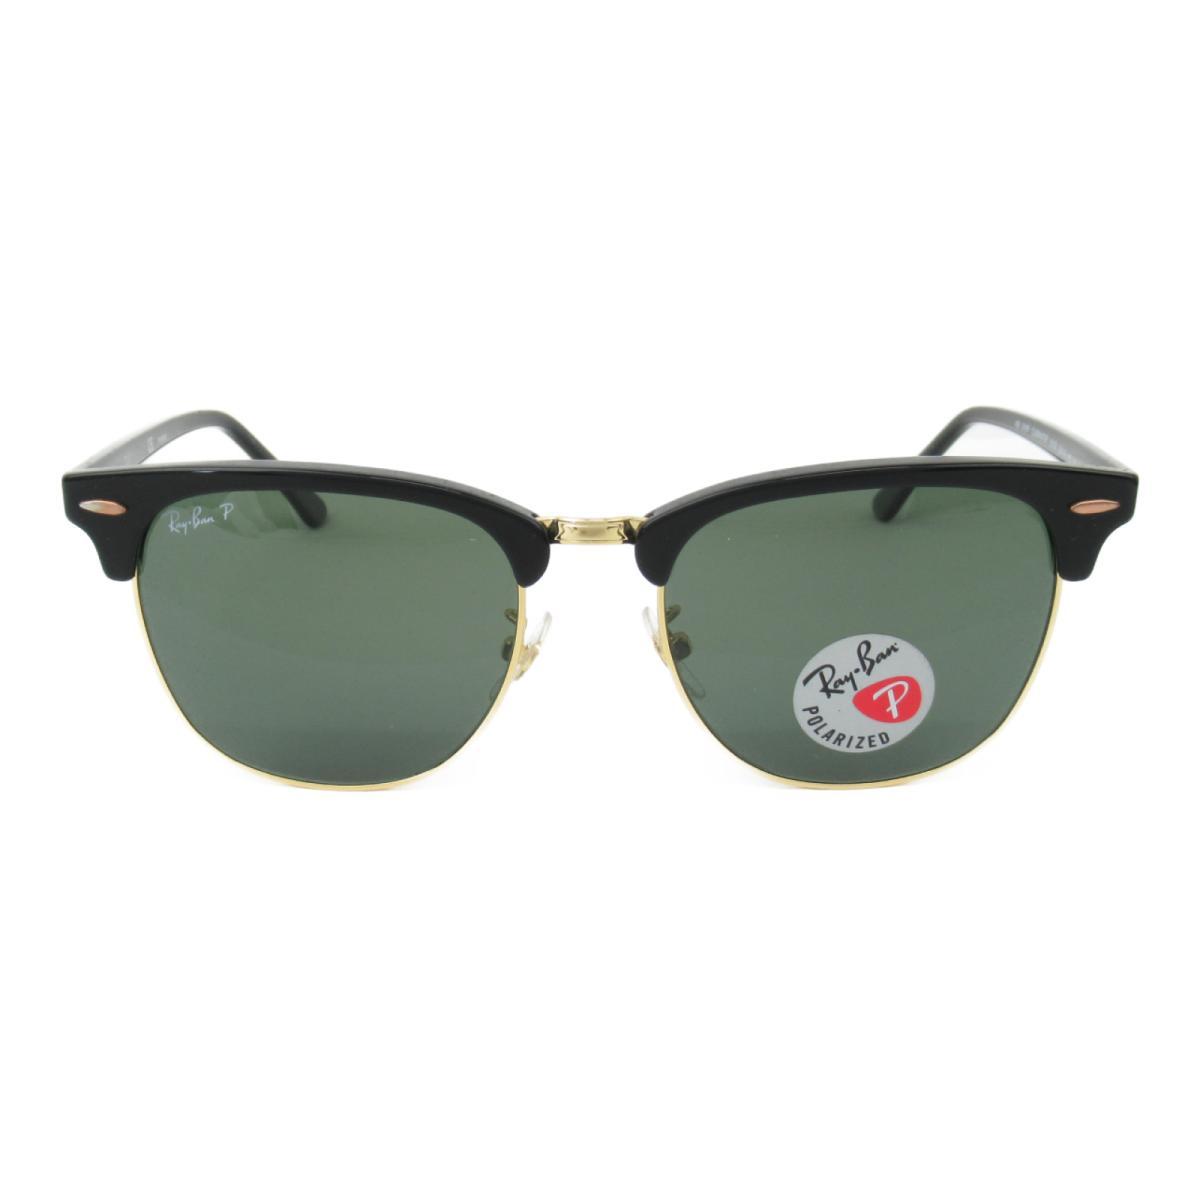 レイバン サングラス ウェリントン メンズ レディース レンズ;ガラス/フレーム:ニッケル合金/テンプル:プラスチック ブラック x ゴールド グレイグリーン (3016F 901/58 (55))   Ray Ban BRANDOFF ブランドオフ